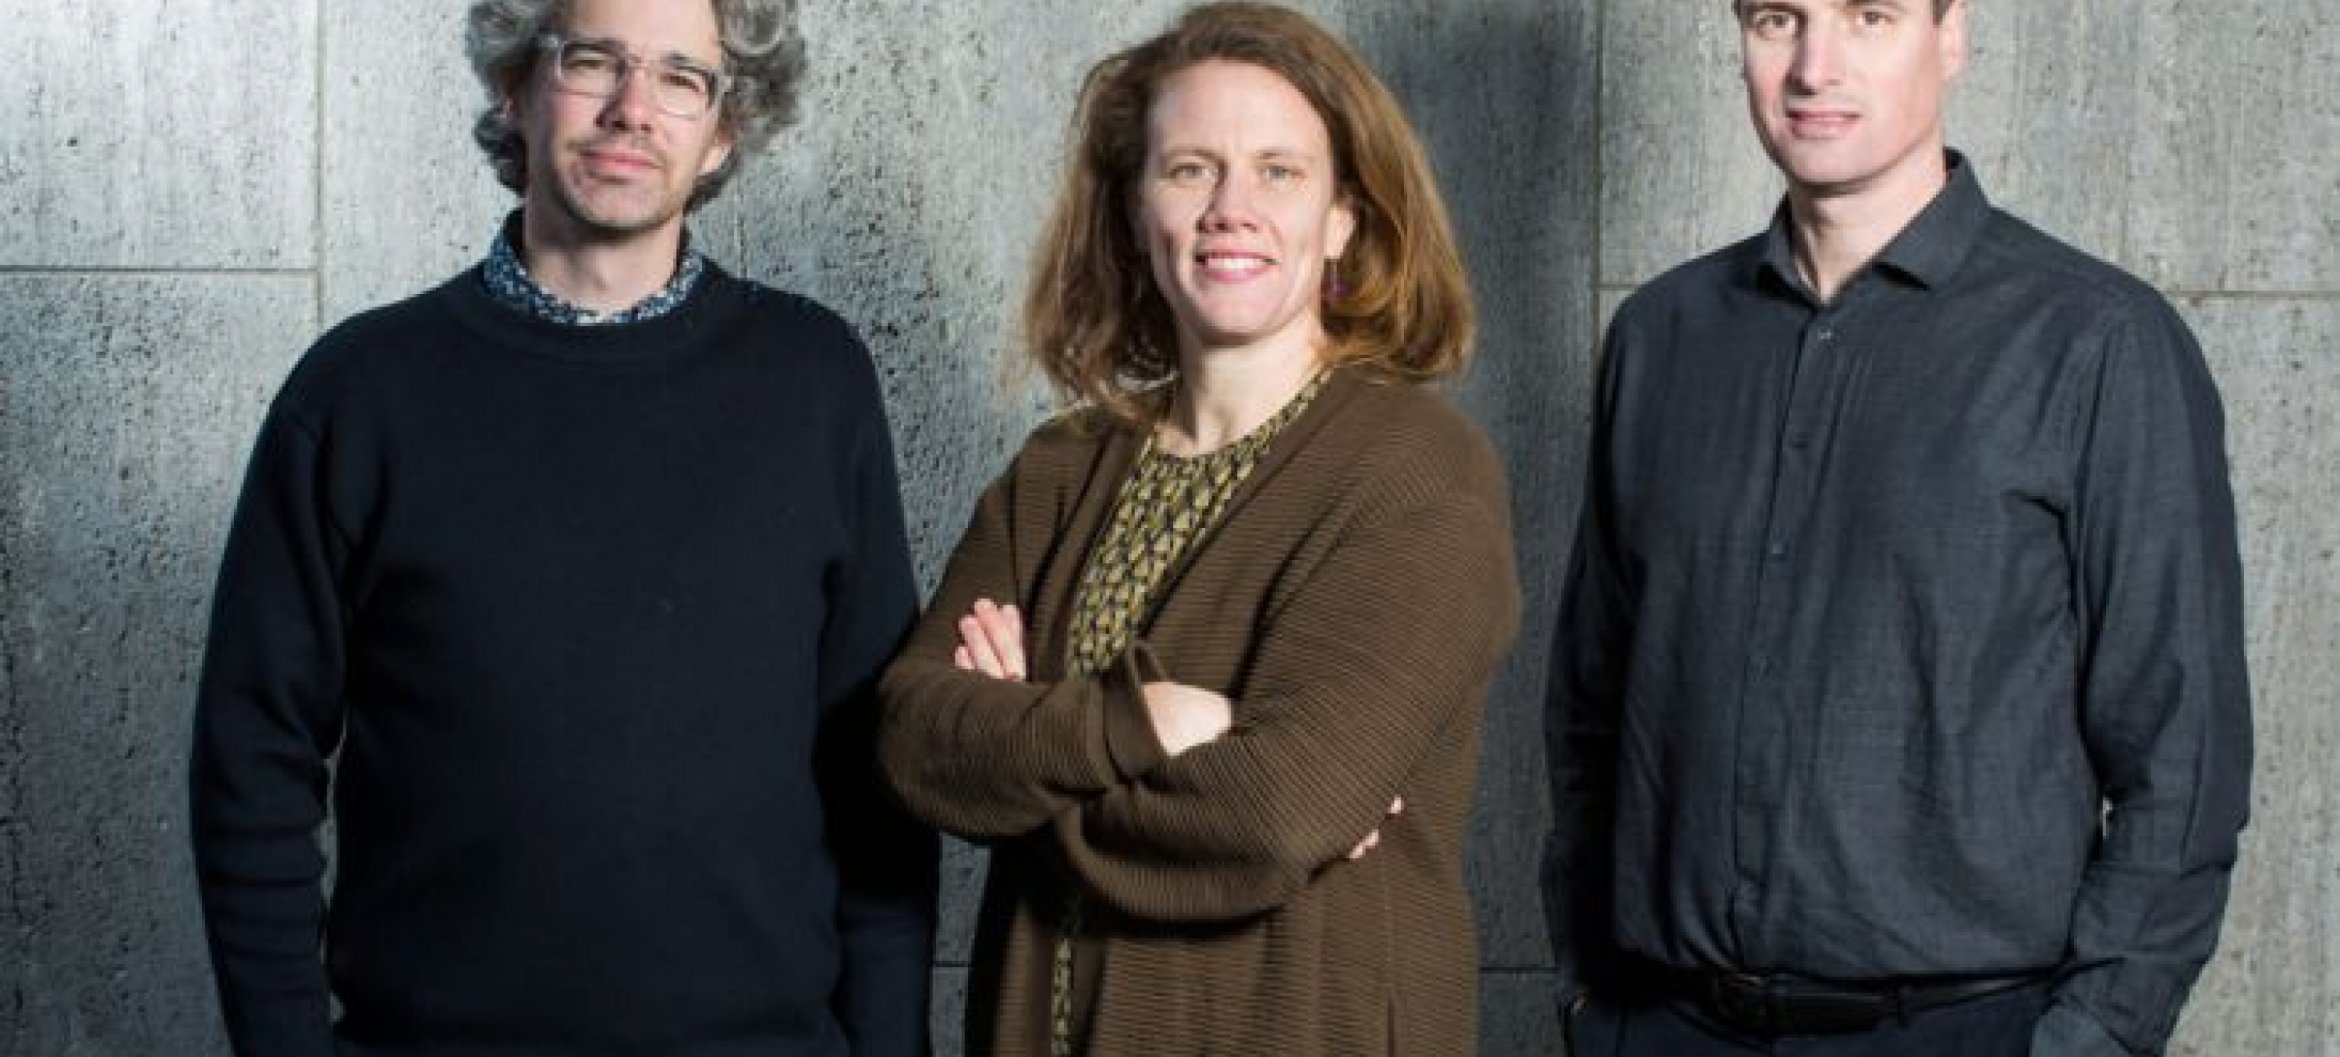 v.l.n.r: Floris Cornelisse, Ninke Happel en Paul Verhoeven